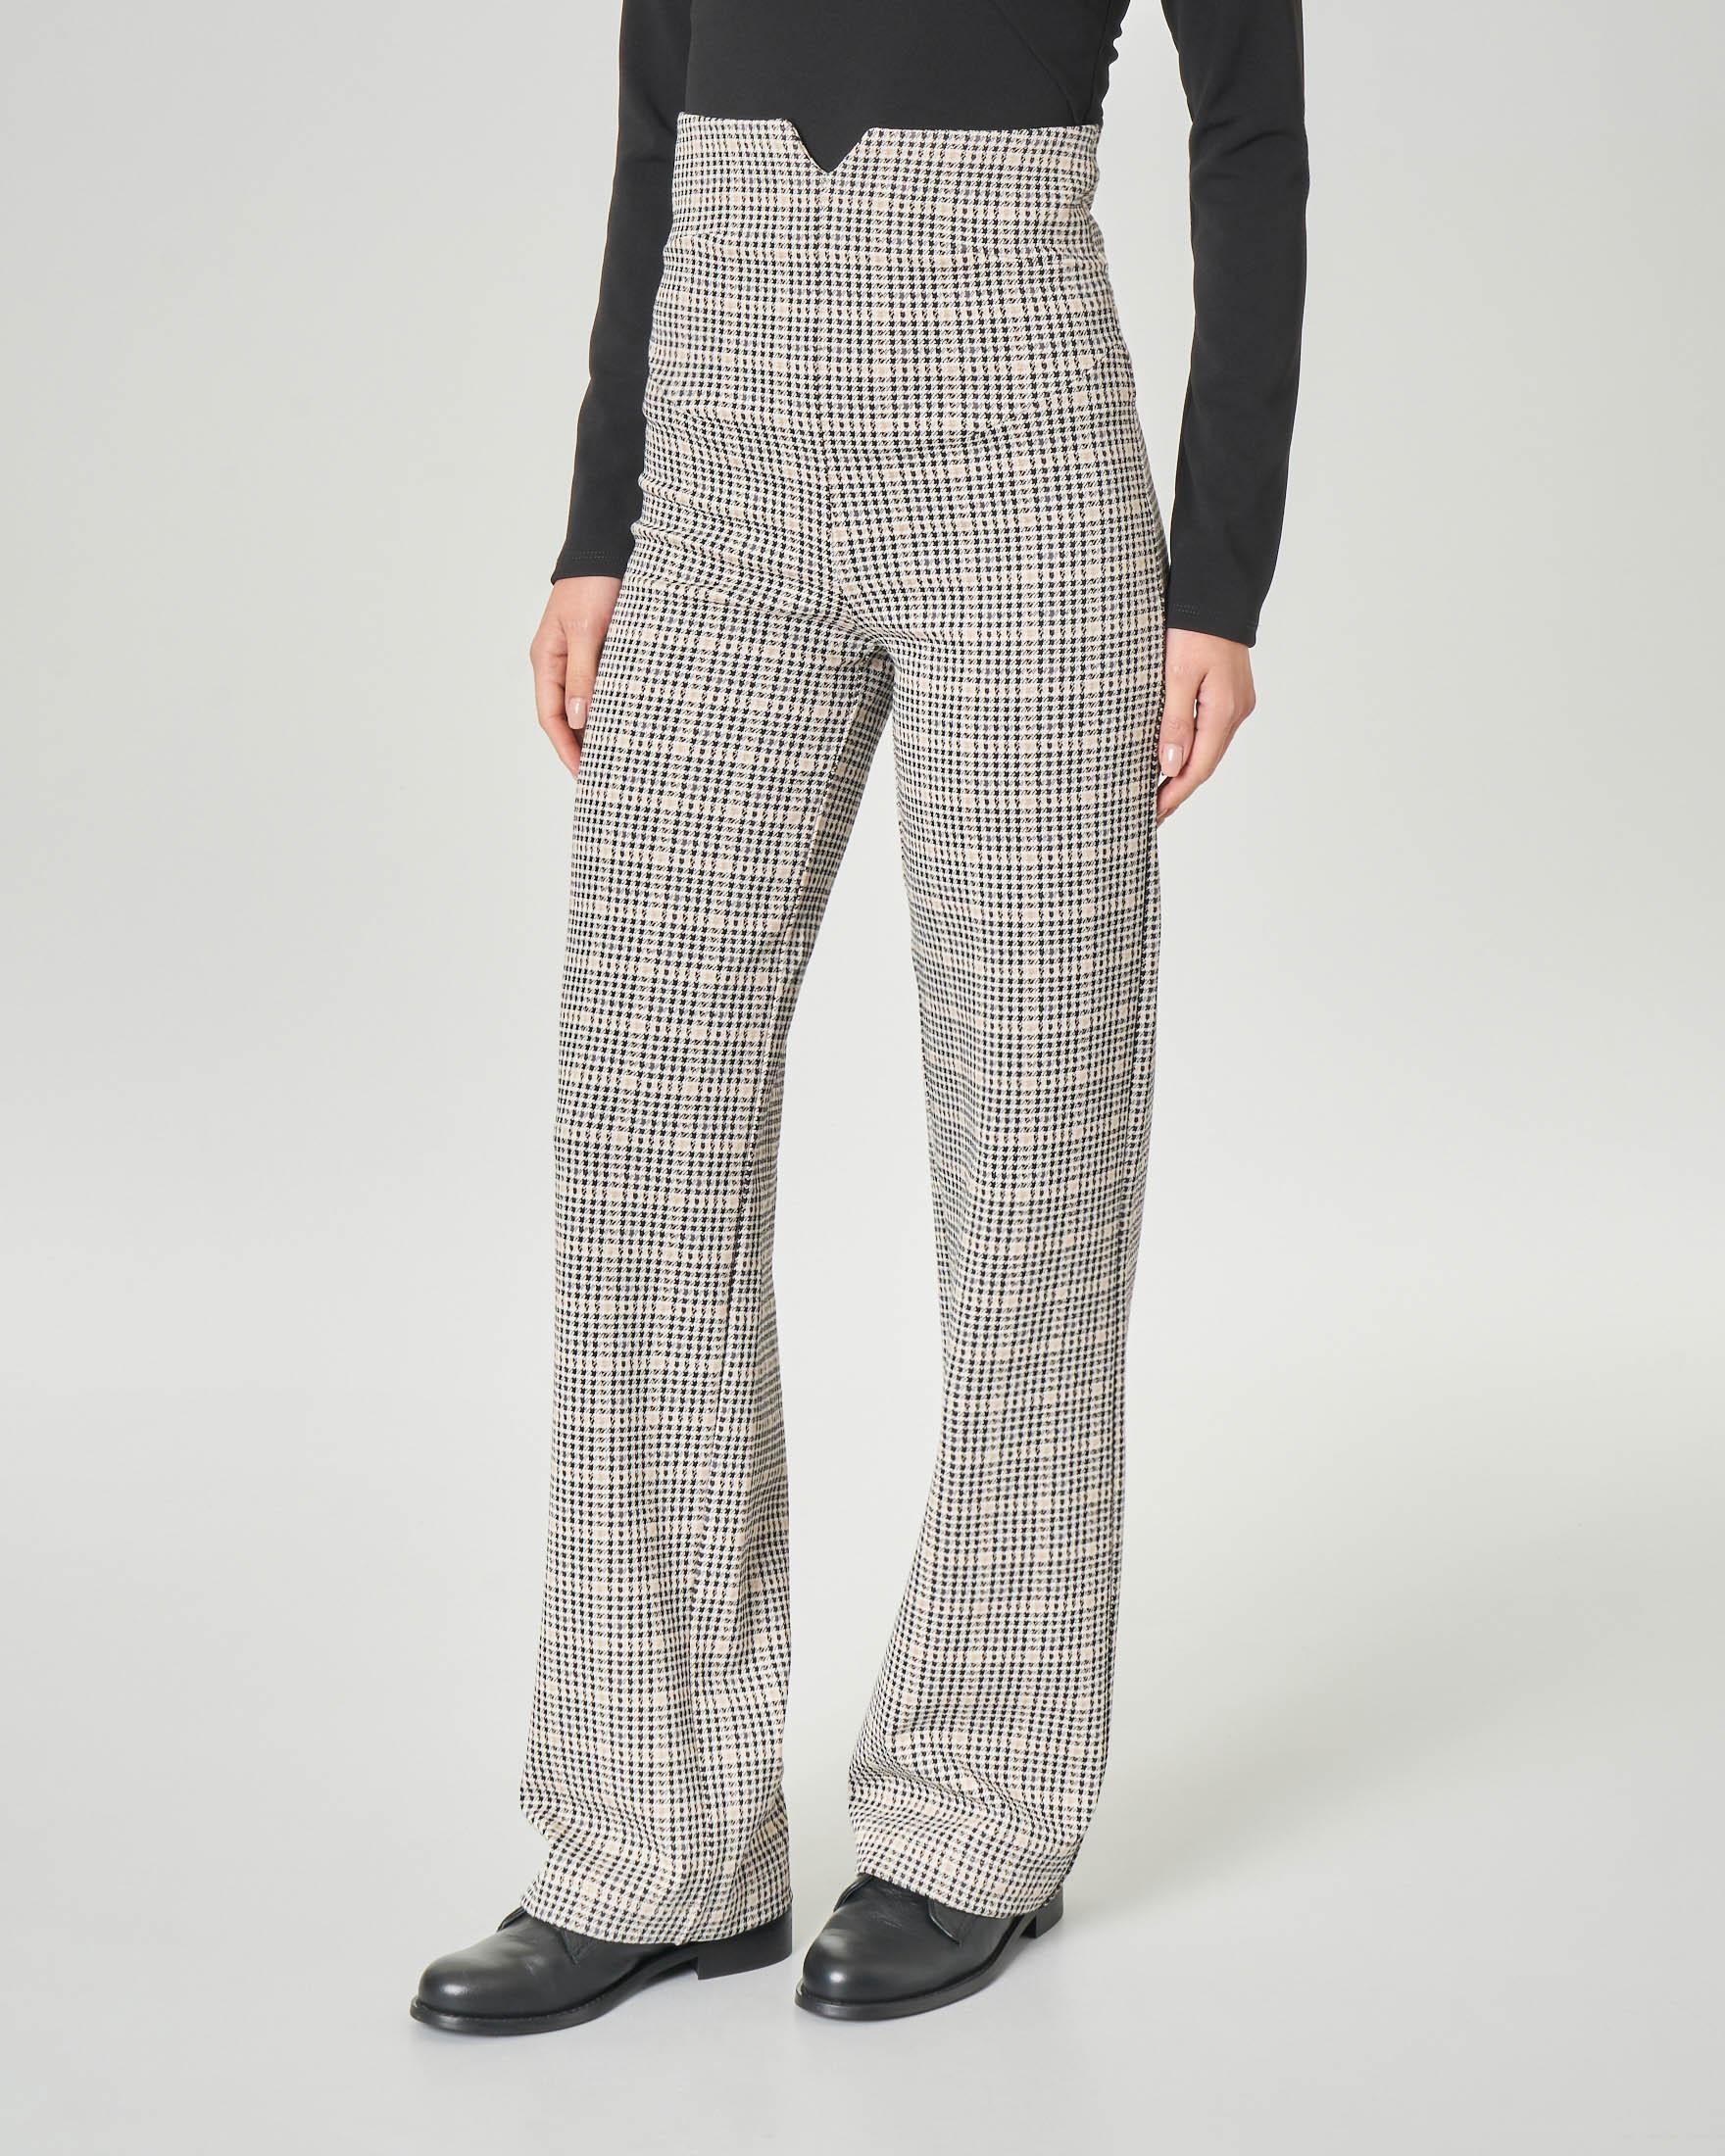 Pantaloni palazzo a vita alta in viscosa elasticizzata a fantasia check